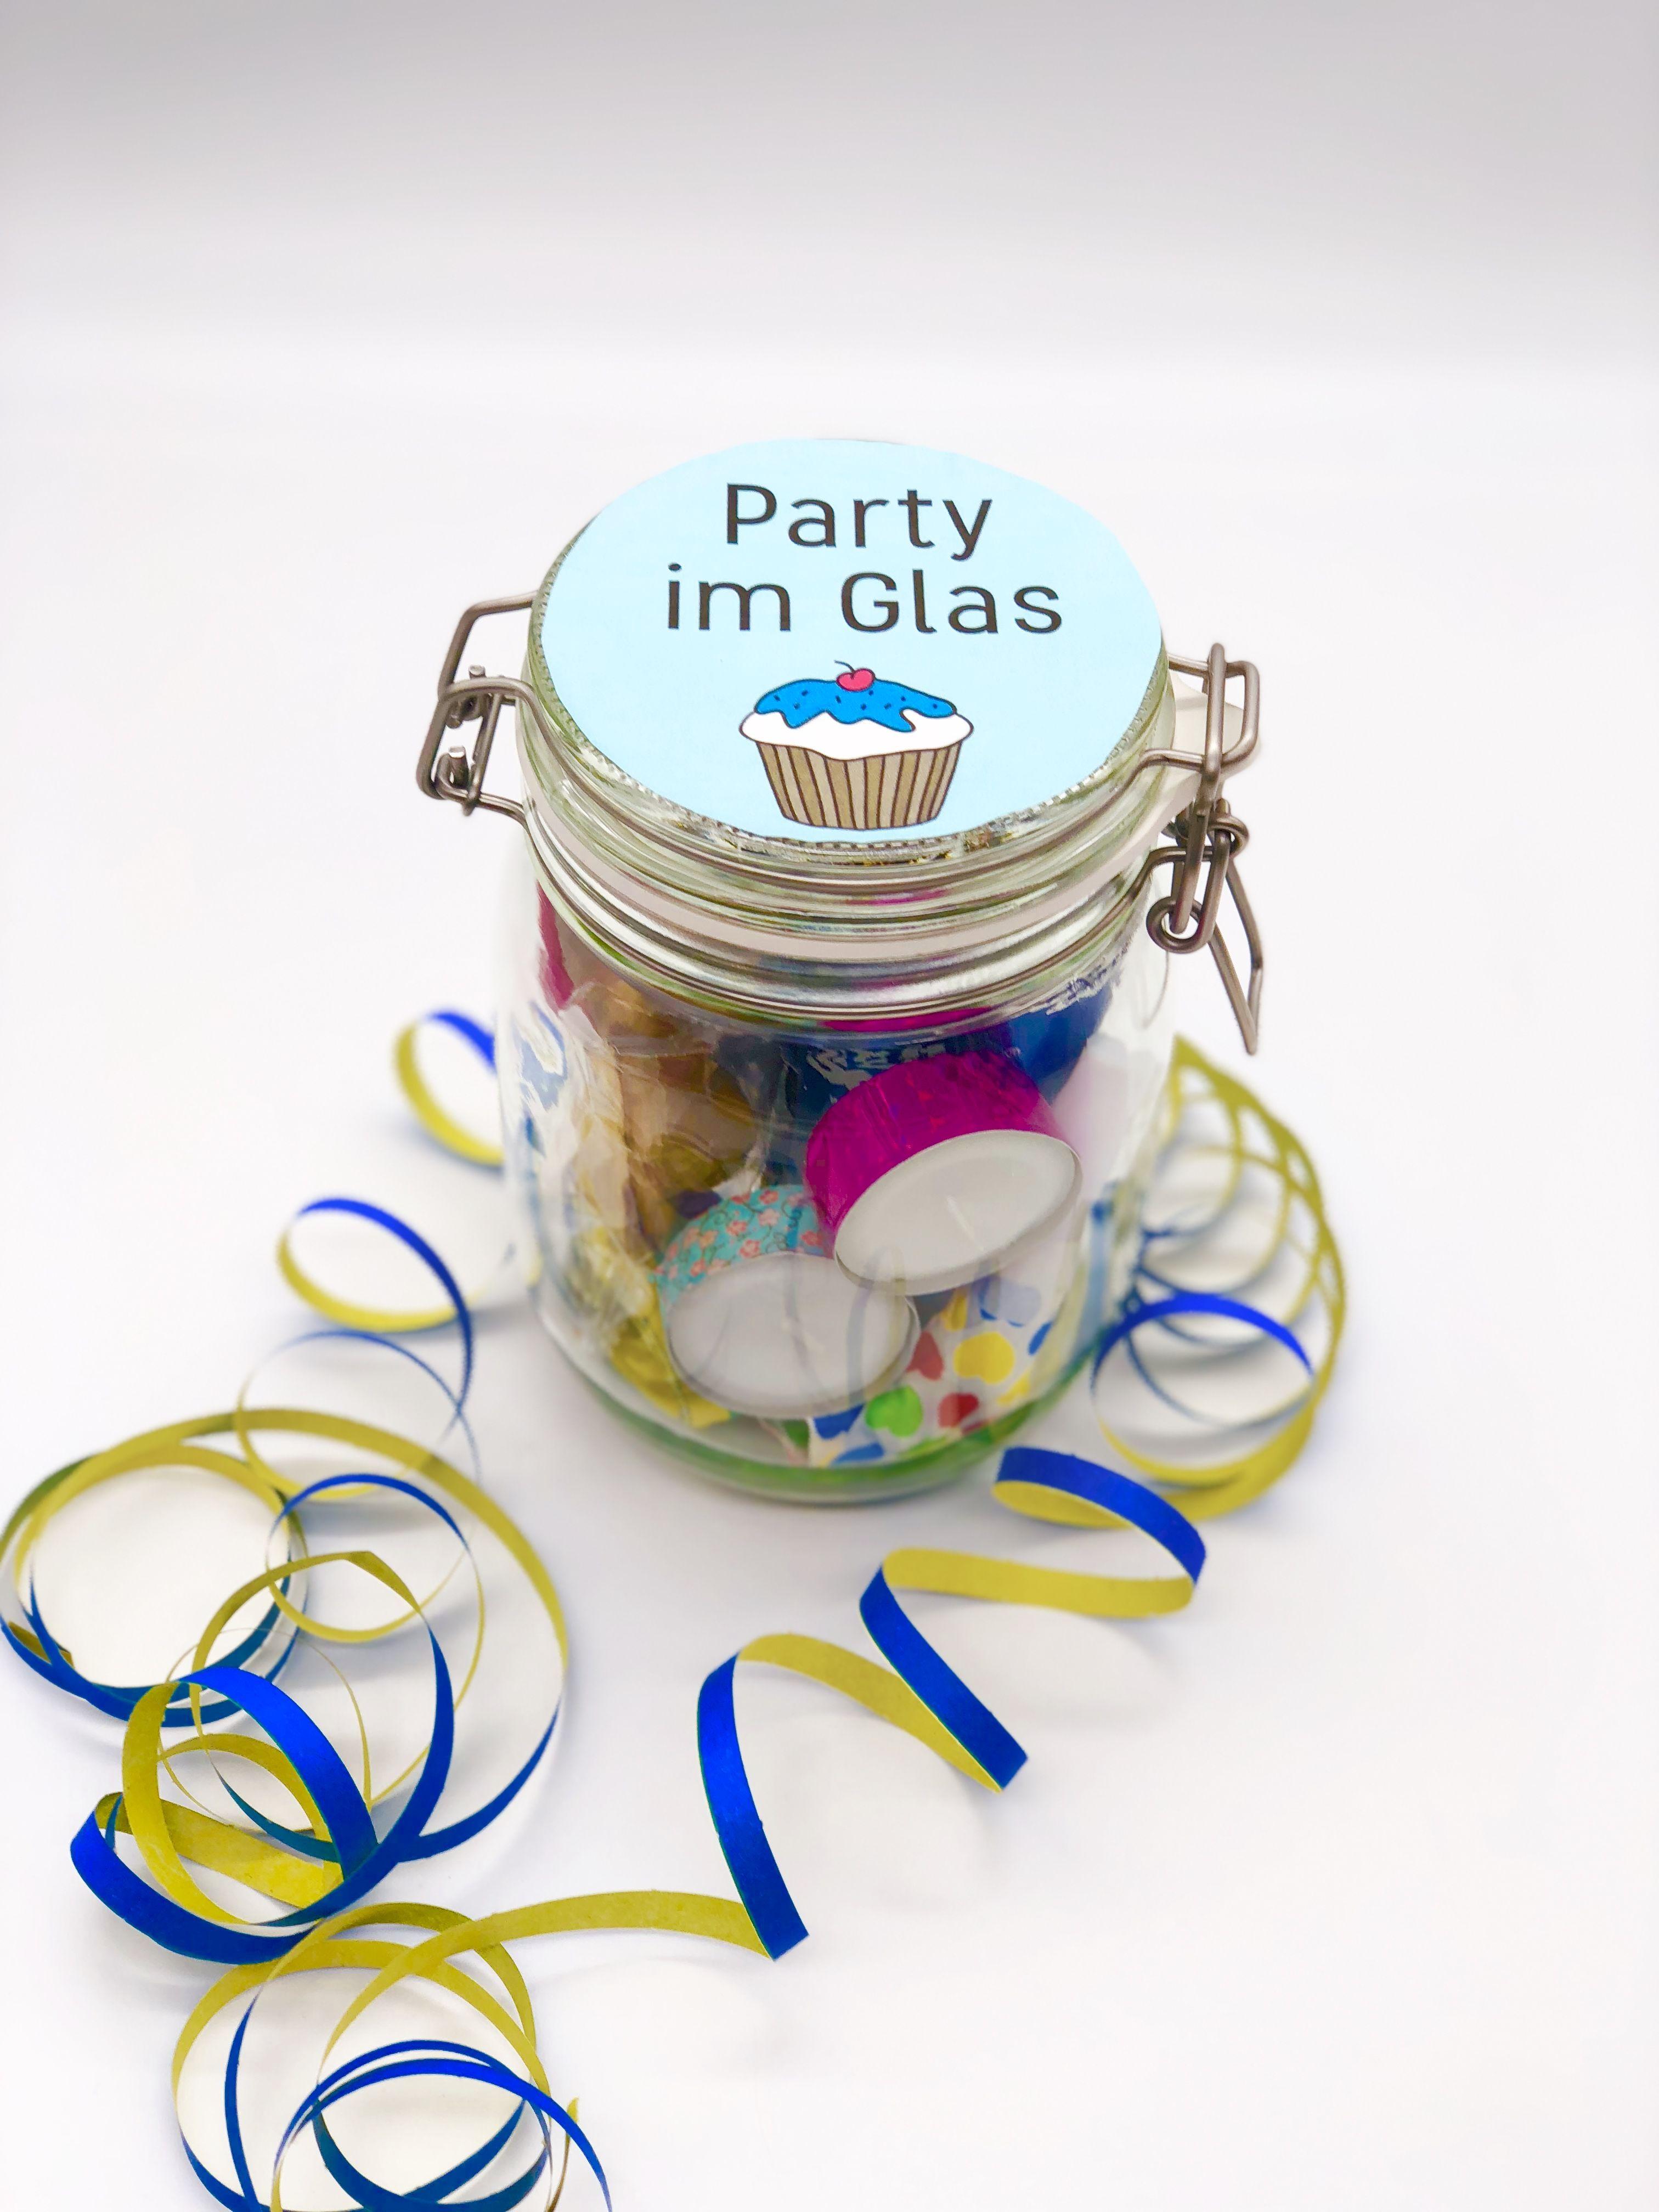 Süßes DIY Party Mitbringsel selber machen DIY Geschenke verpacken im Glas ideales Mitbringsel oder Gast Geschenk zum Geburtstag Geschenk für ihn oder